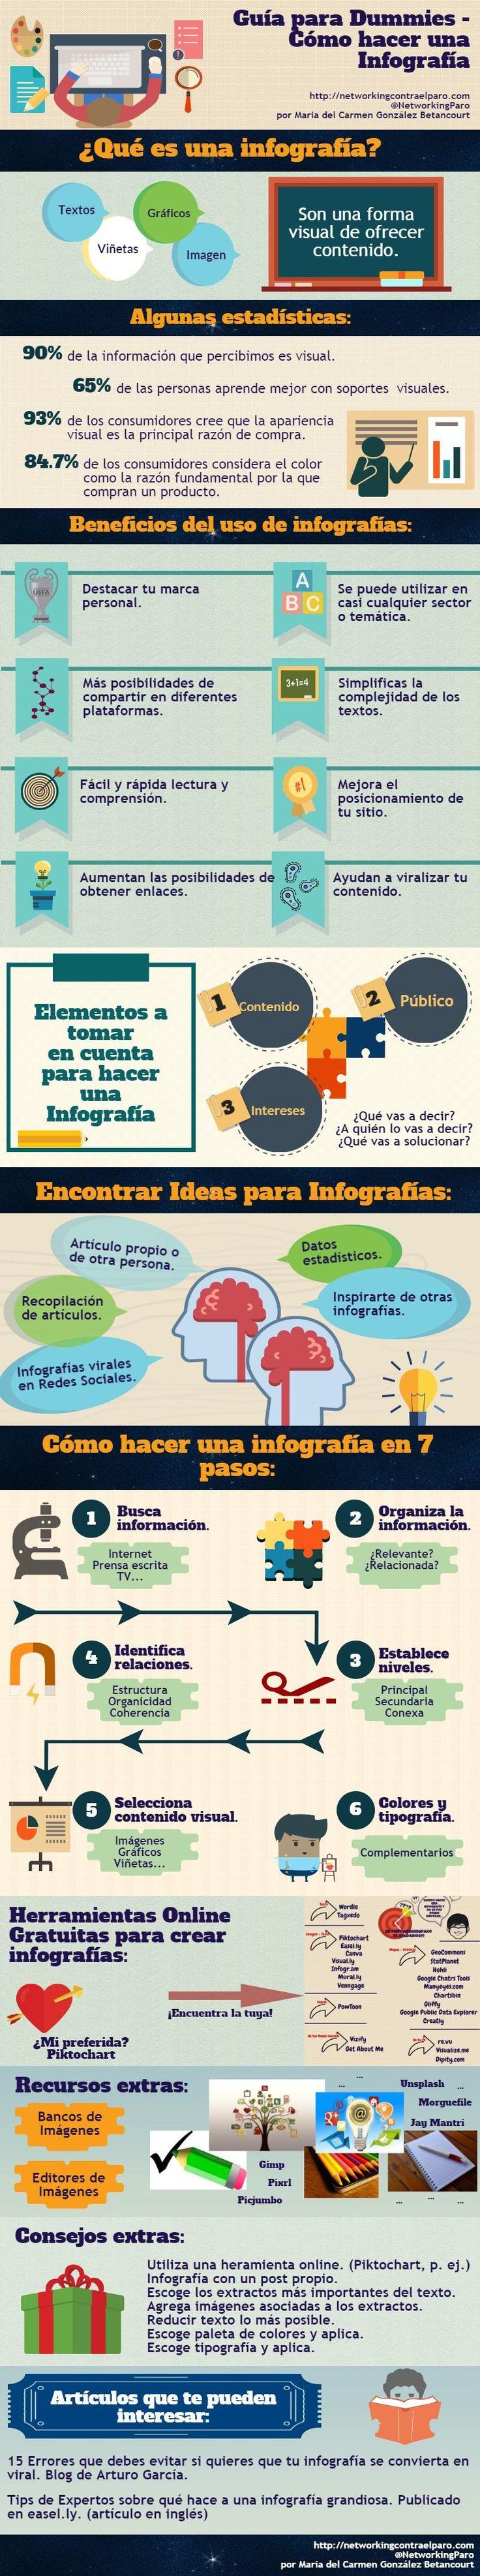 Guía para dummies sobre cómo crear infografías #infografia #infographic #design                                                                                                                                                                                 Más